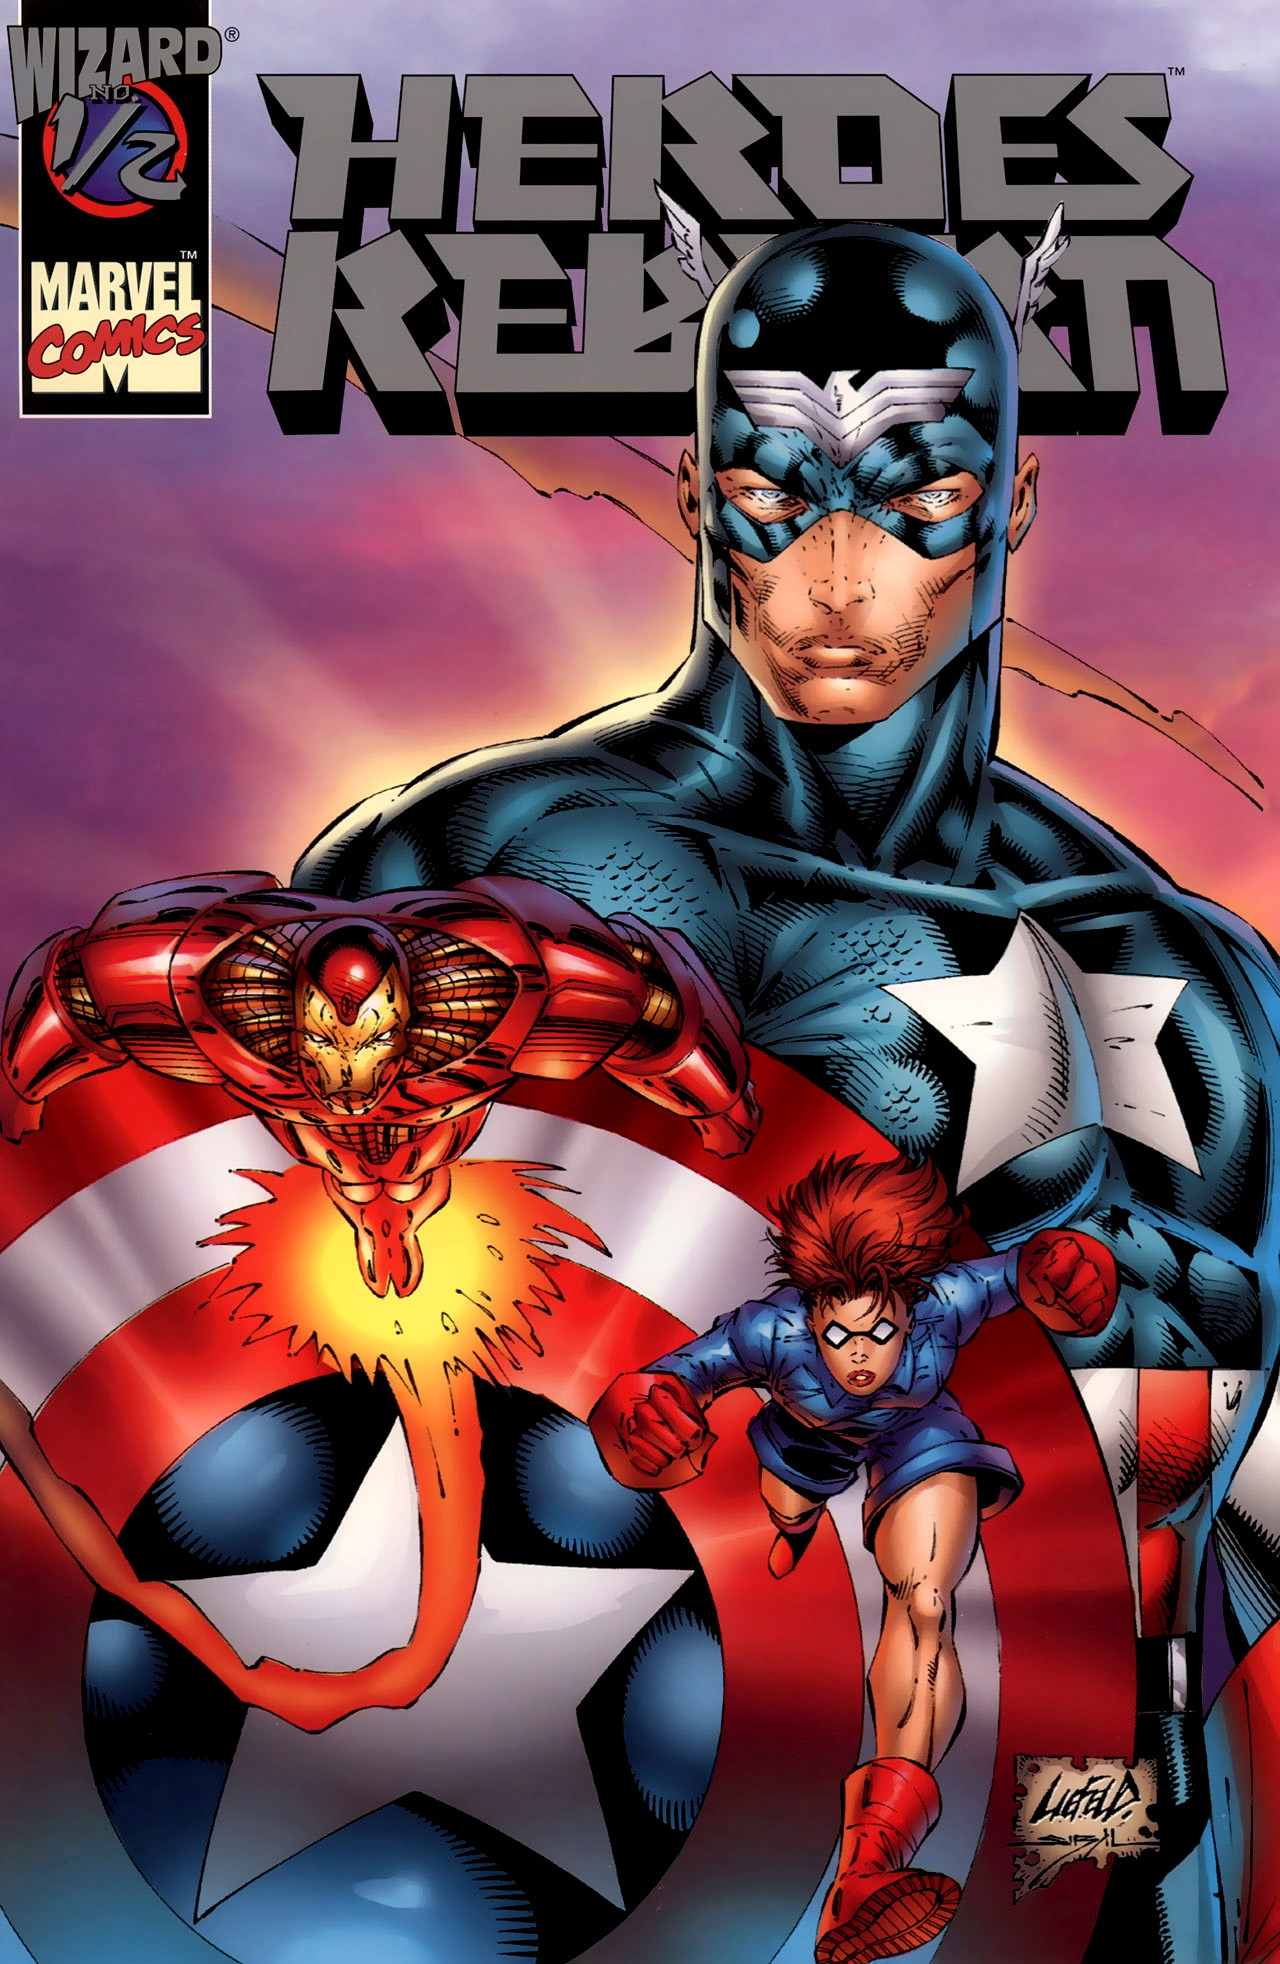 http://img4.wikia.nocookie.net/__cb20100805232748/marveldatabase/images/6/60/Heroes_Reborn_Vol_1_One-Half.jpg